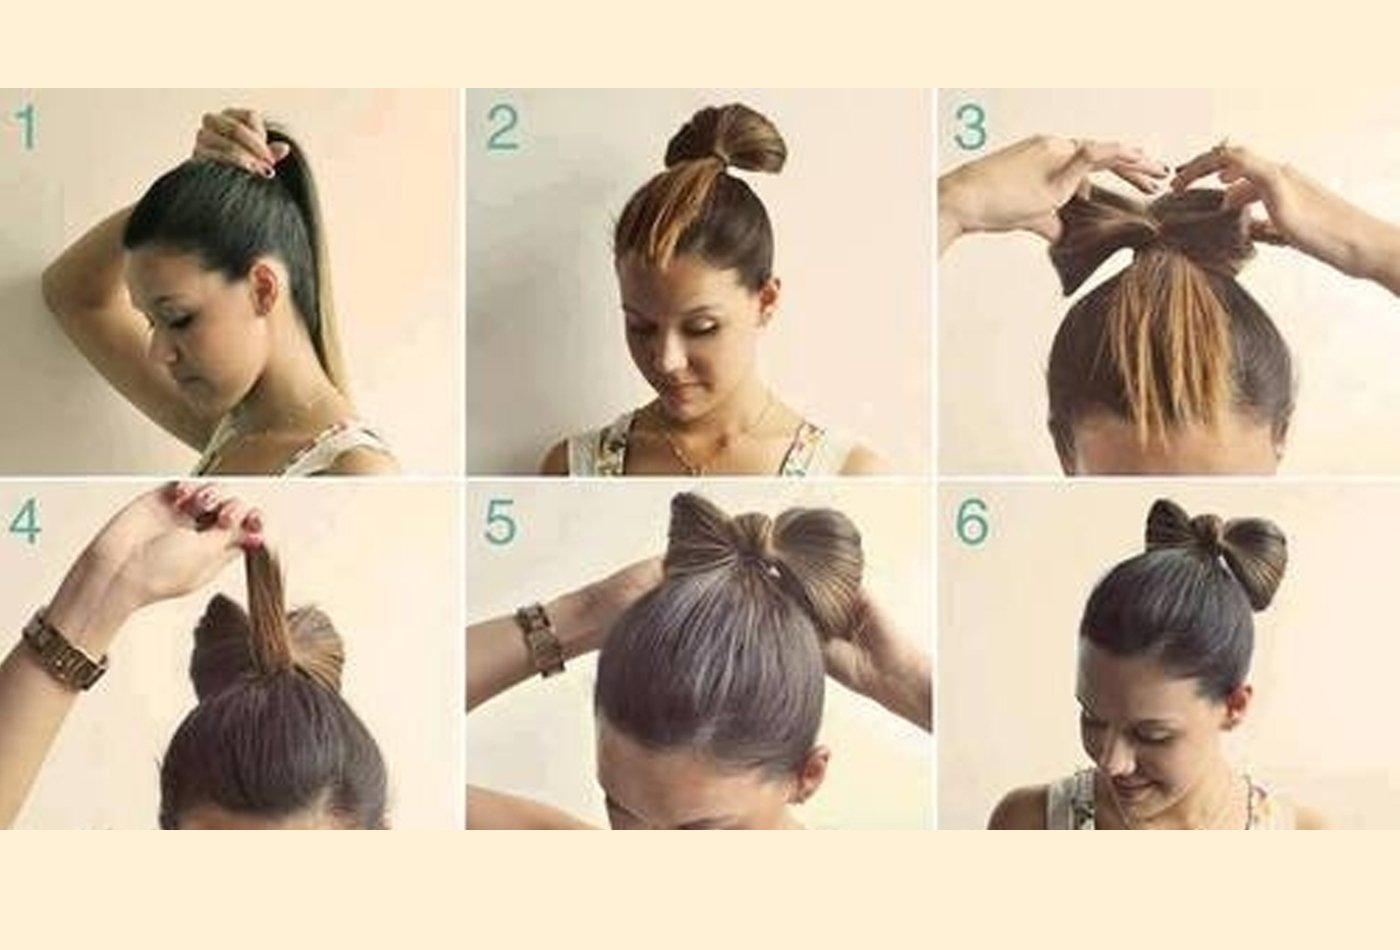 9 wunderschöne Brautfrisuren - die bezauberndsten Frisuren für